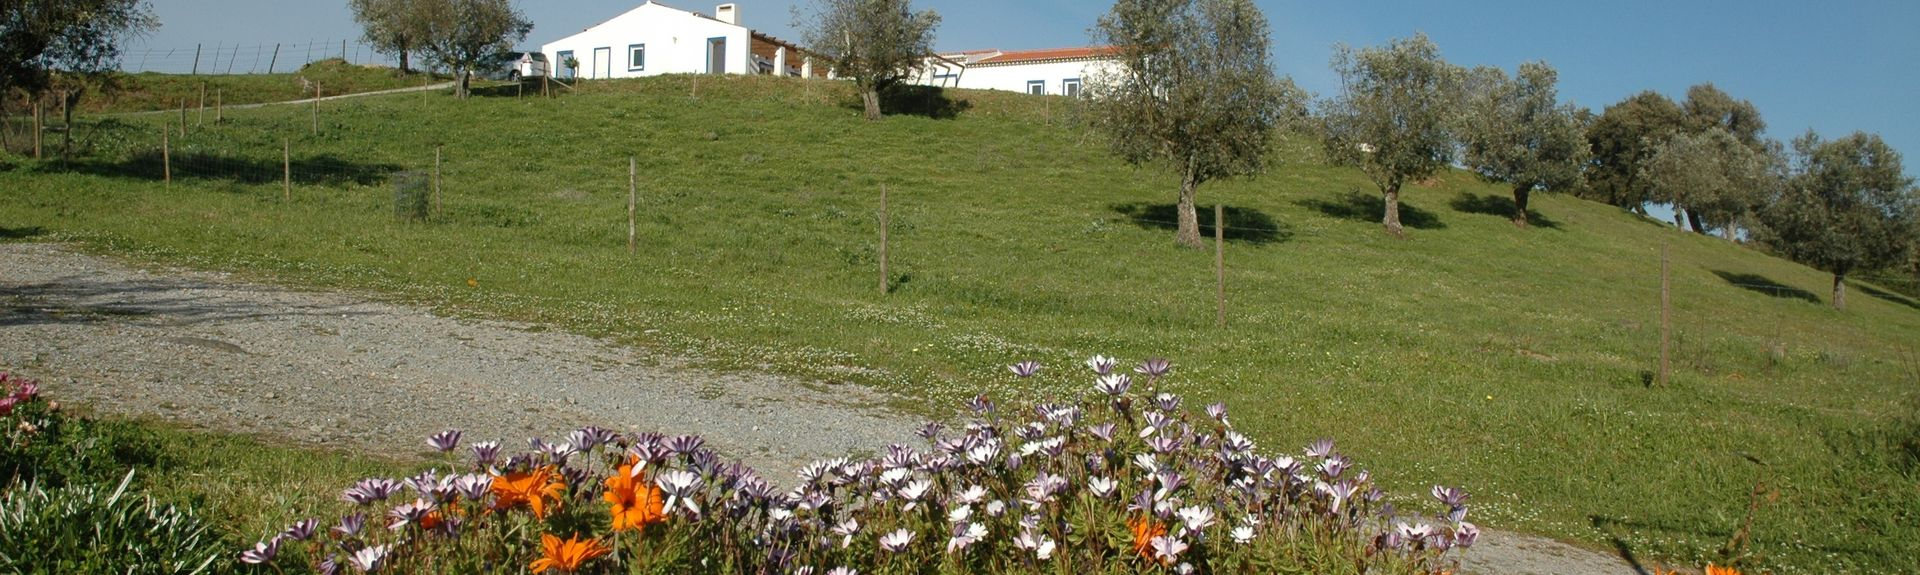 Alcáçovas, Dystrykt Évora, Portugalia